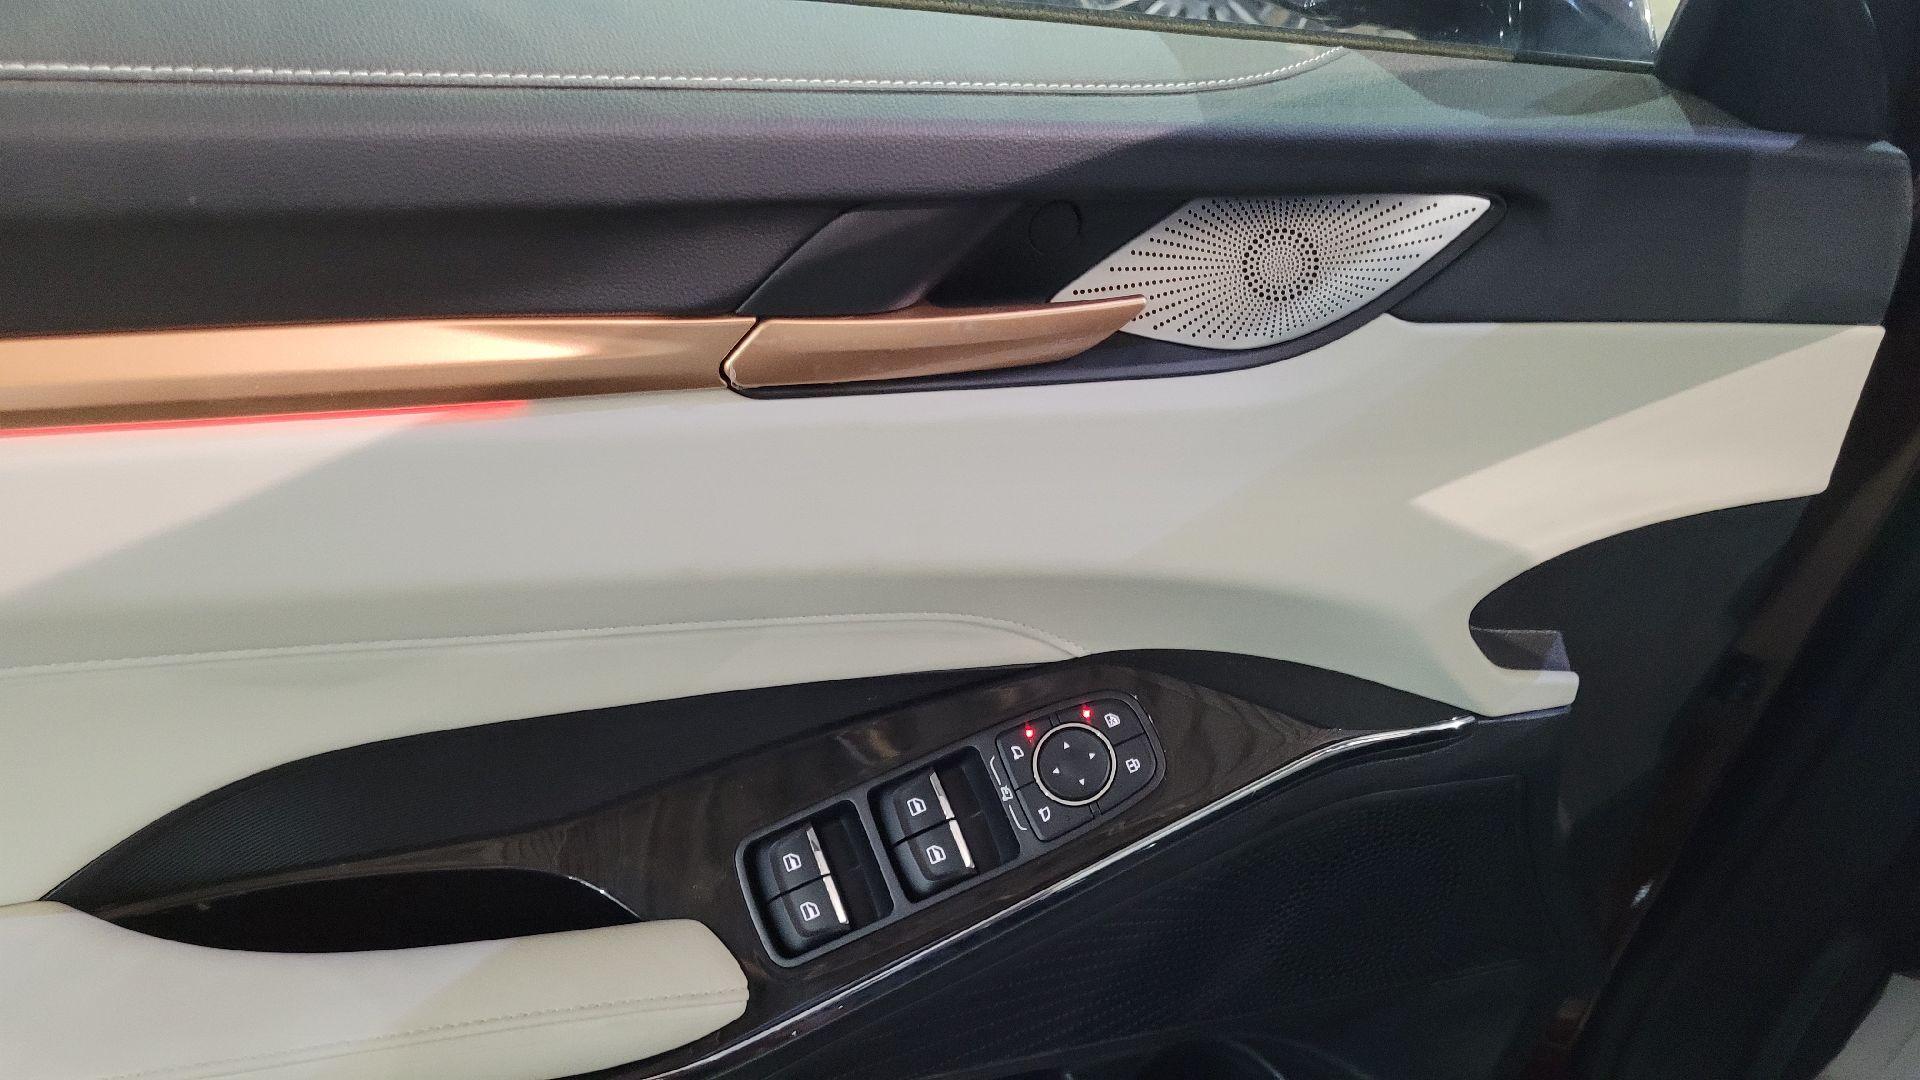 مباع - هافال H6 الشكل الجديد Premium 2022 فل سعودي للبيع في الرياض - السعودية - صورة كبيرة - 14